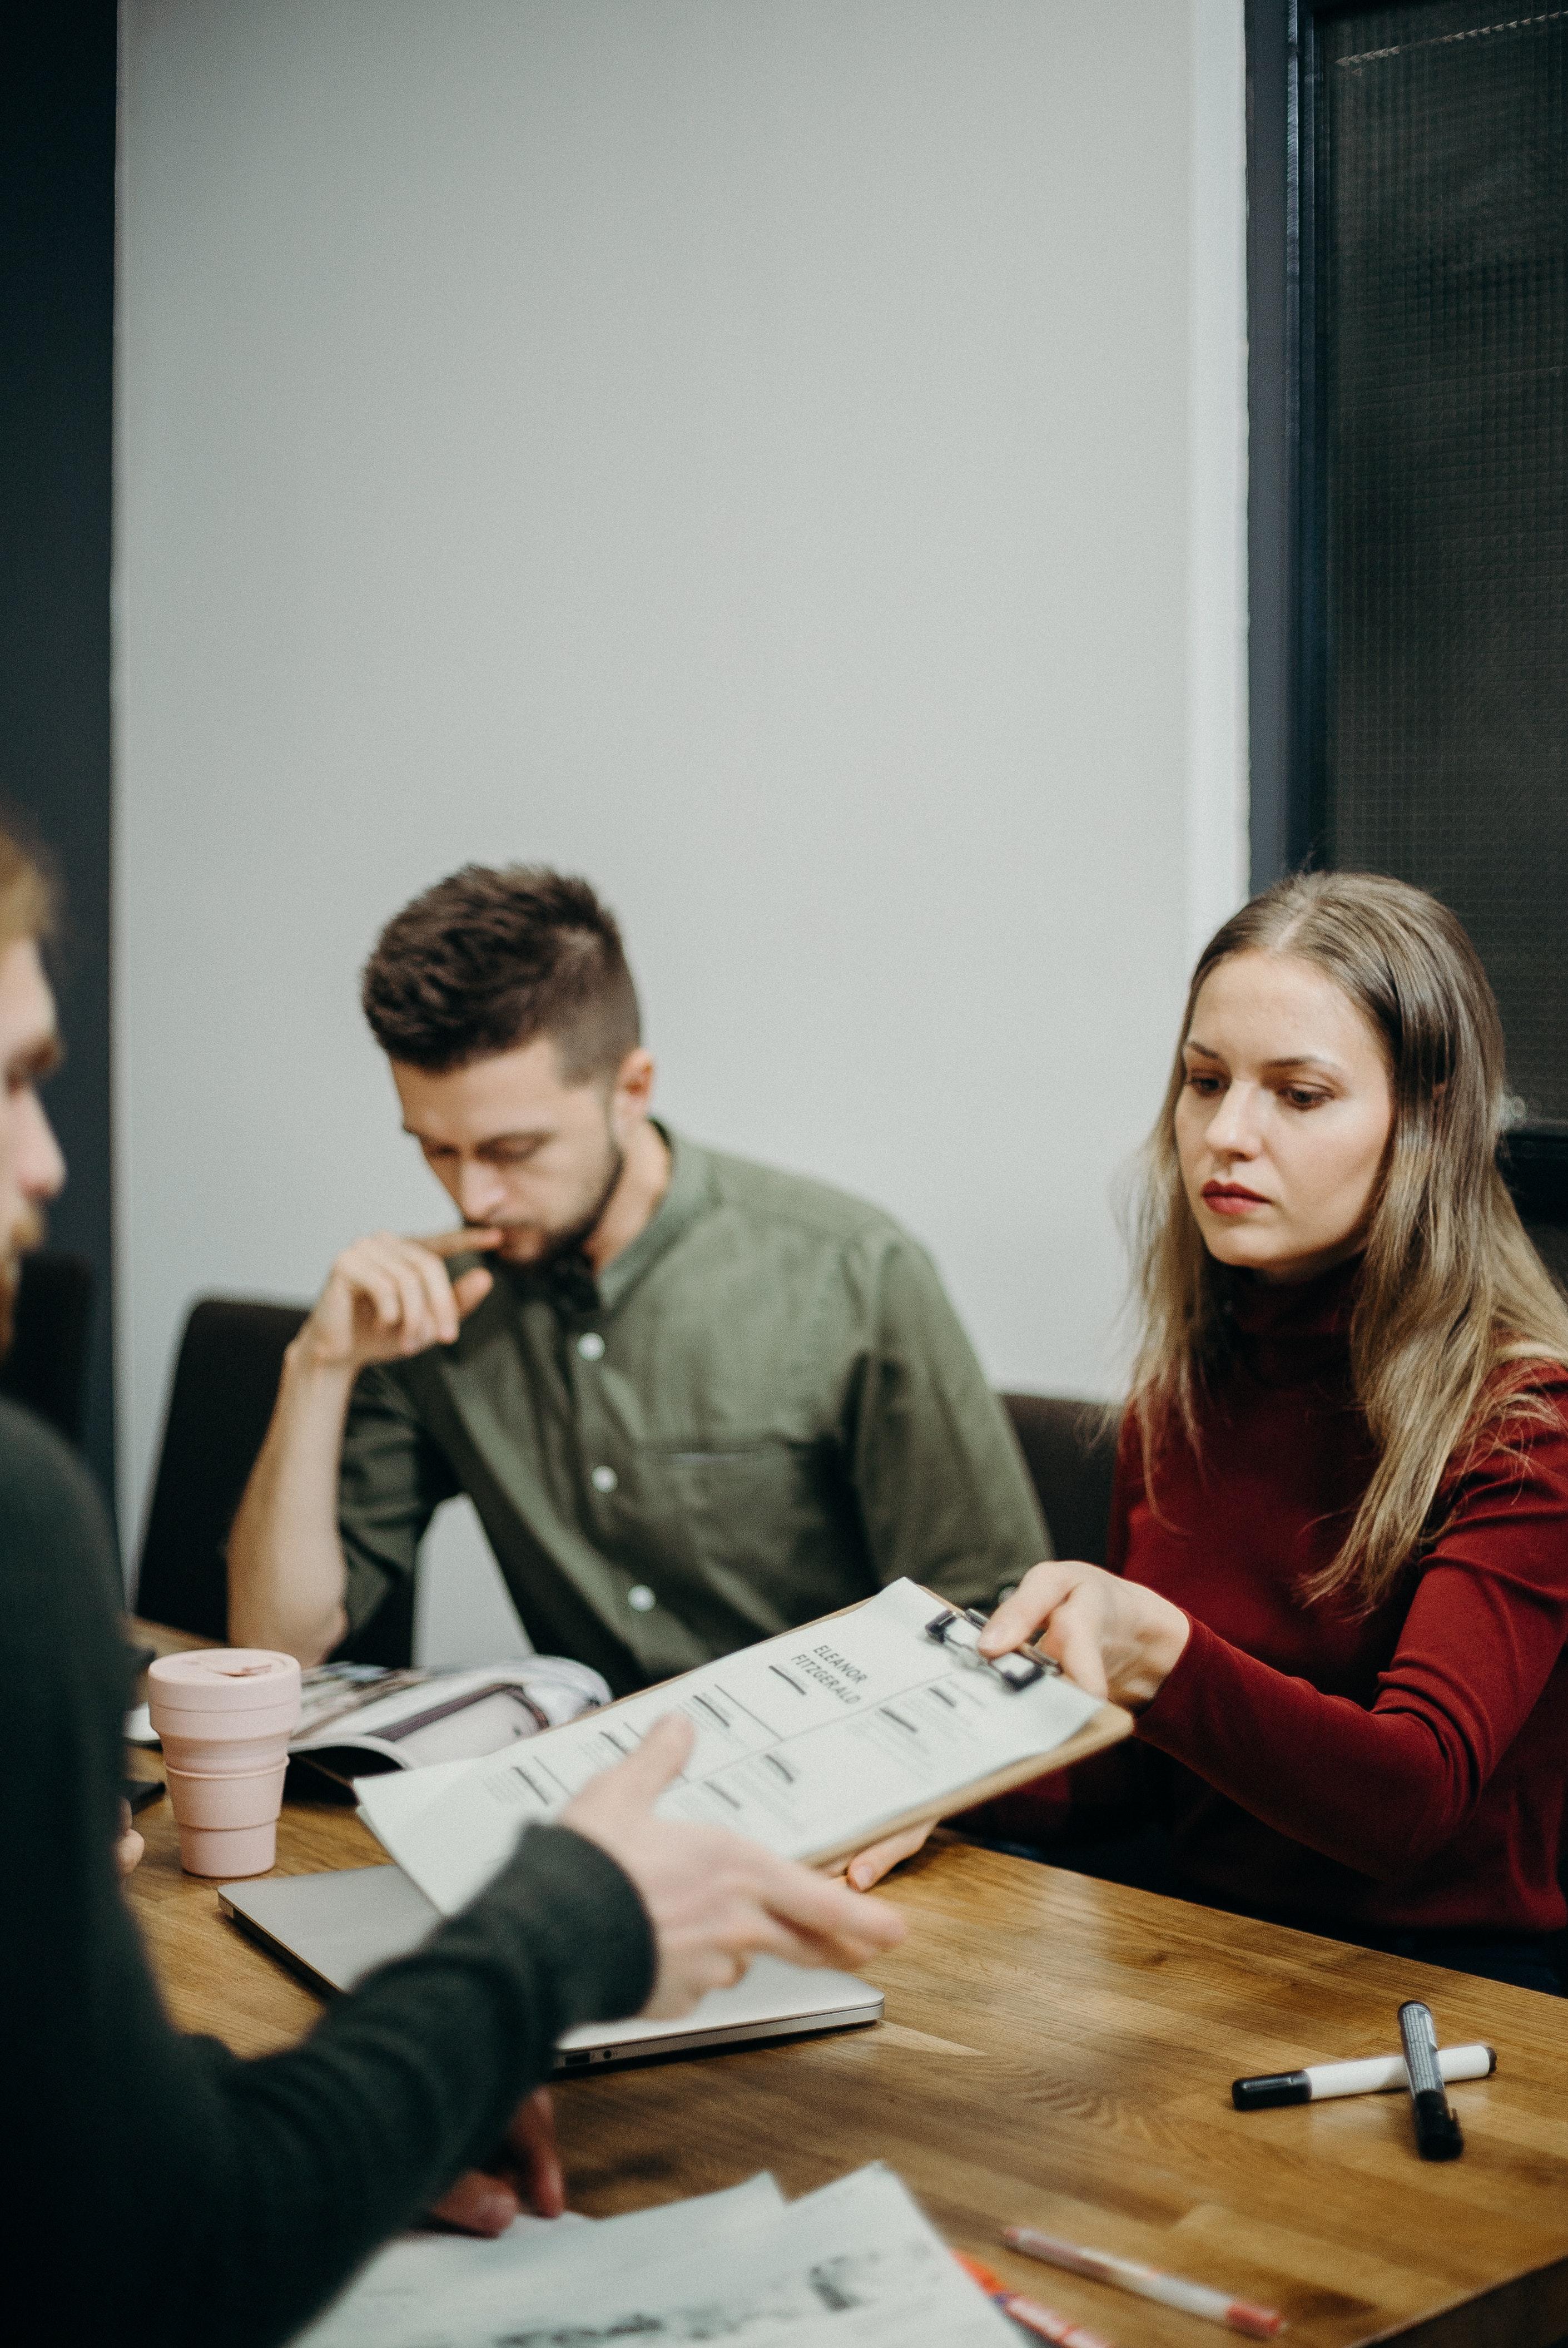 5 stappen om snel de juiste sollicitanten te selecteren voor een sollicitatiegesprek